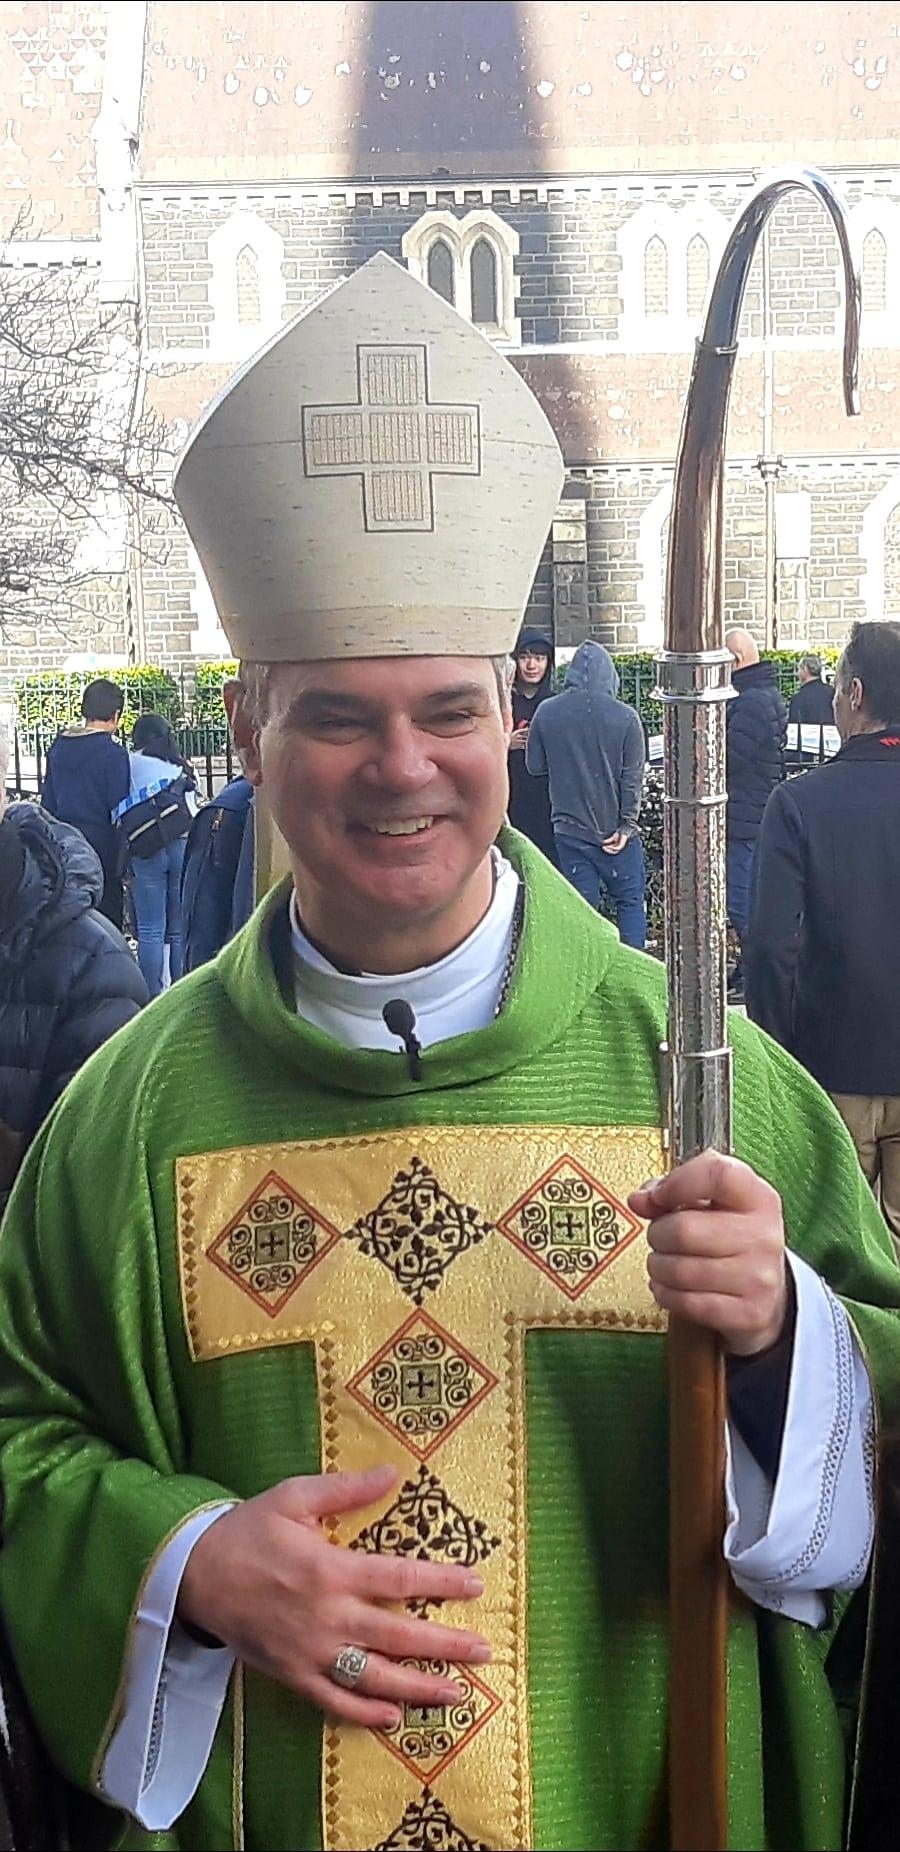 メルボルンのローマカトリック大司教、ピーターコメンソリは、現在のテキストでは、法律は「祈りを対象としており、信仰の人々がオープンで正直で忠実な方法で信念を共有することから沈黙を課しているように見える」と主張しました。